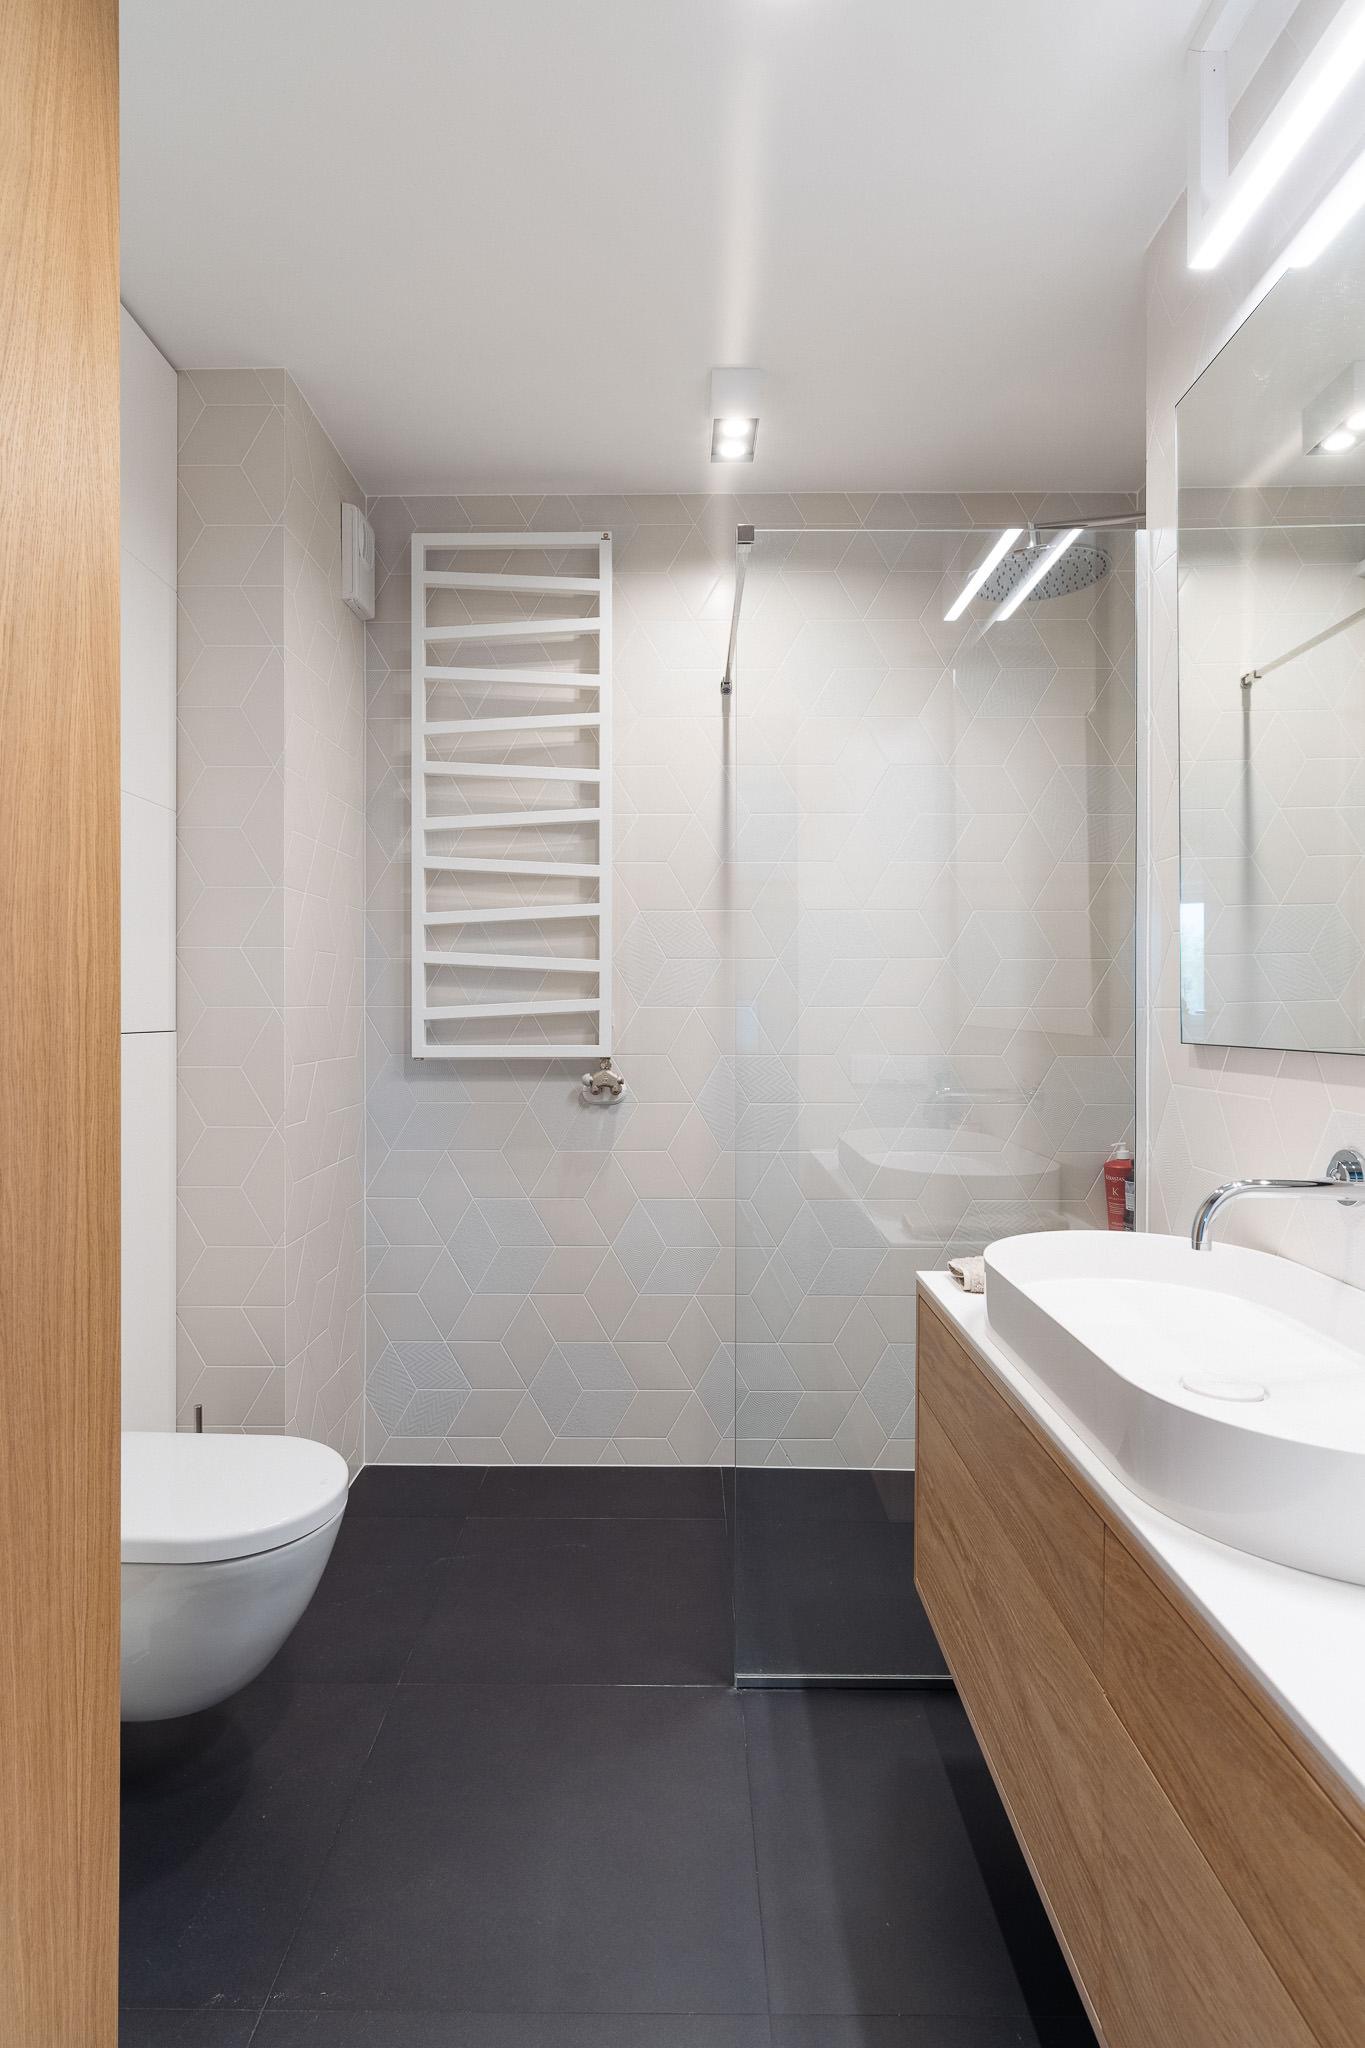 13 projketowanie wnetrz R105 mieszkanie Krakow lazienka plytki heksagony biale plytki grafitowa podloga kabina walk in owtarty prysznic zabudowa pralki